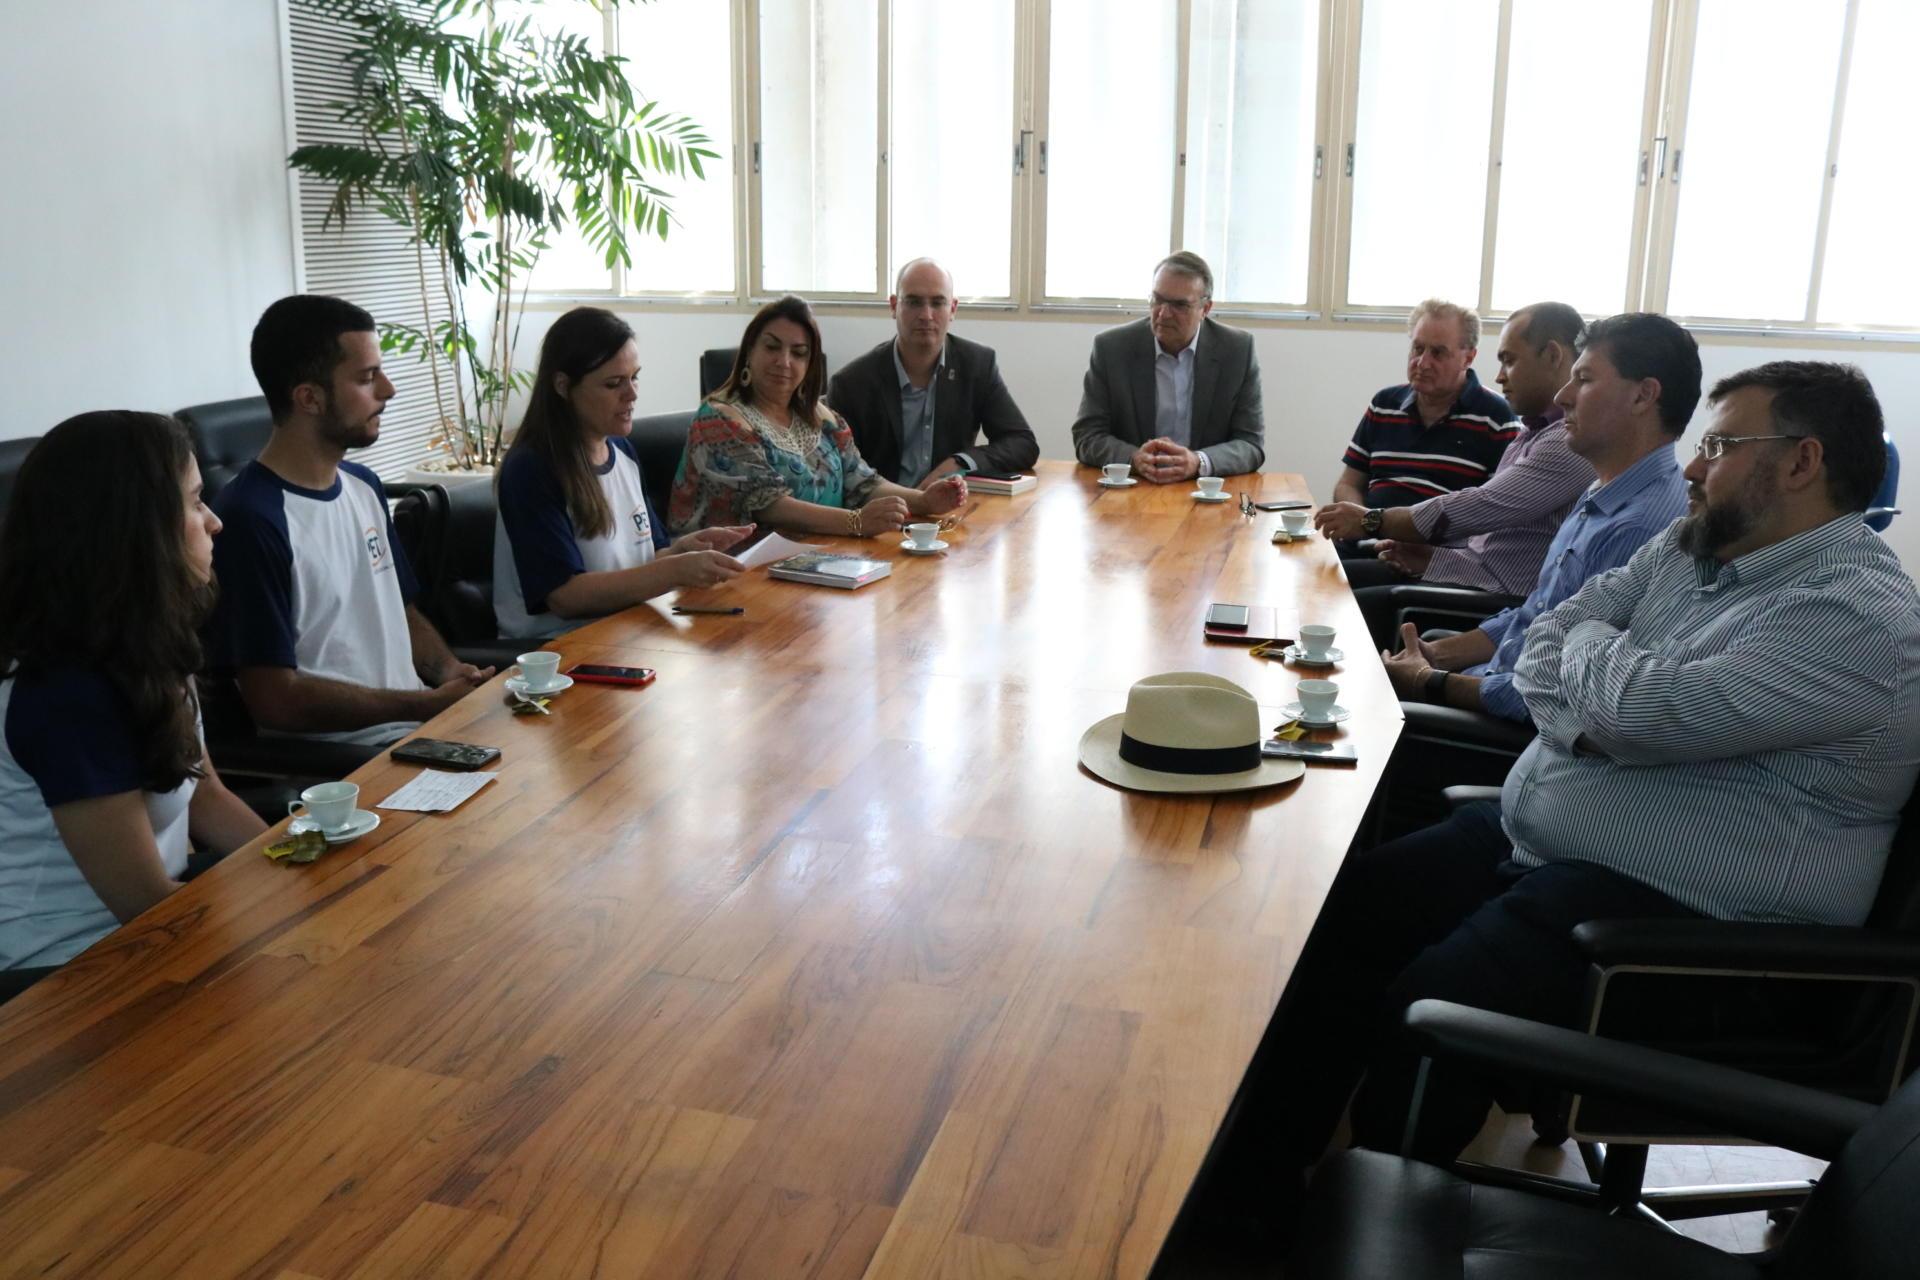 Em torno da mesa do reitor, estudantes, pró-reitores, vice-reitor e o reitor